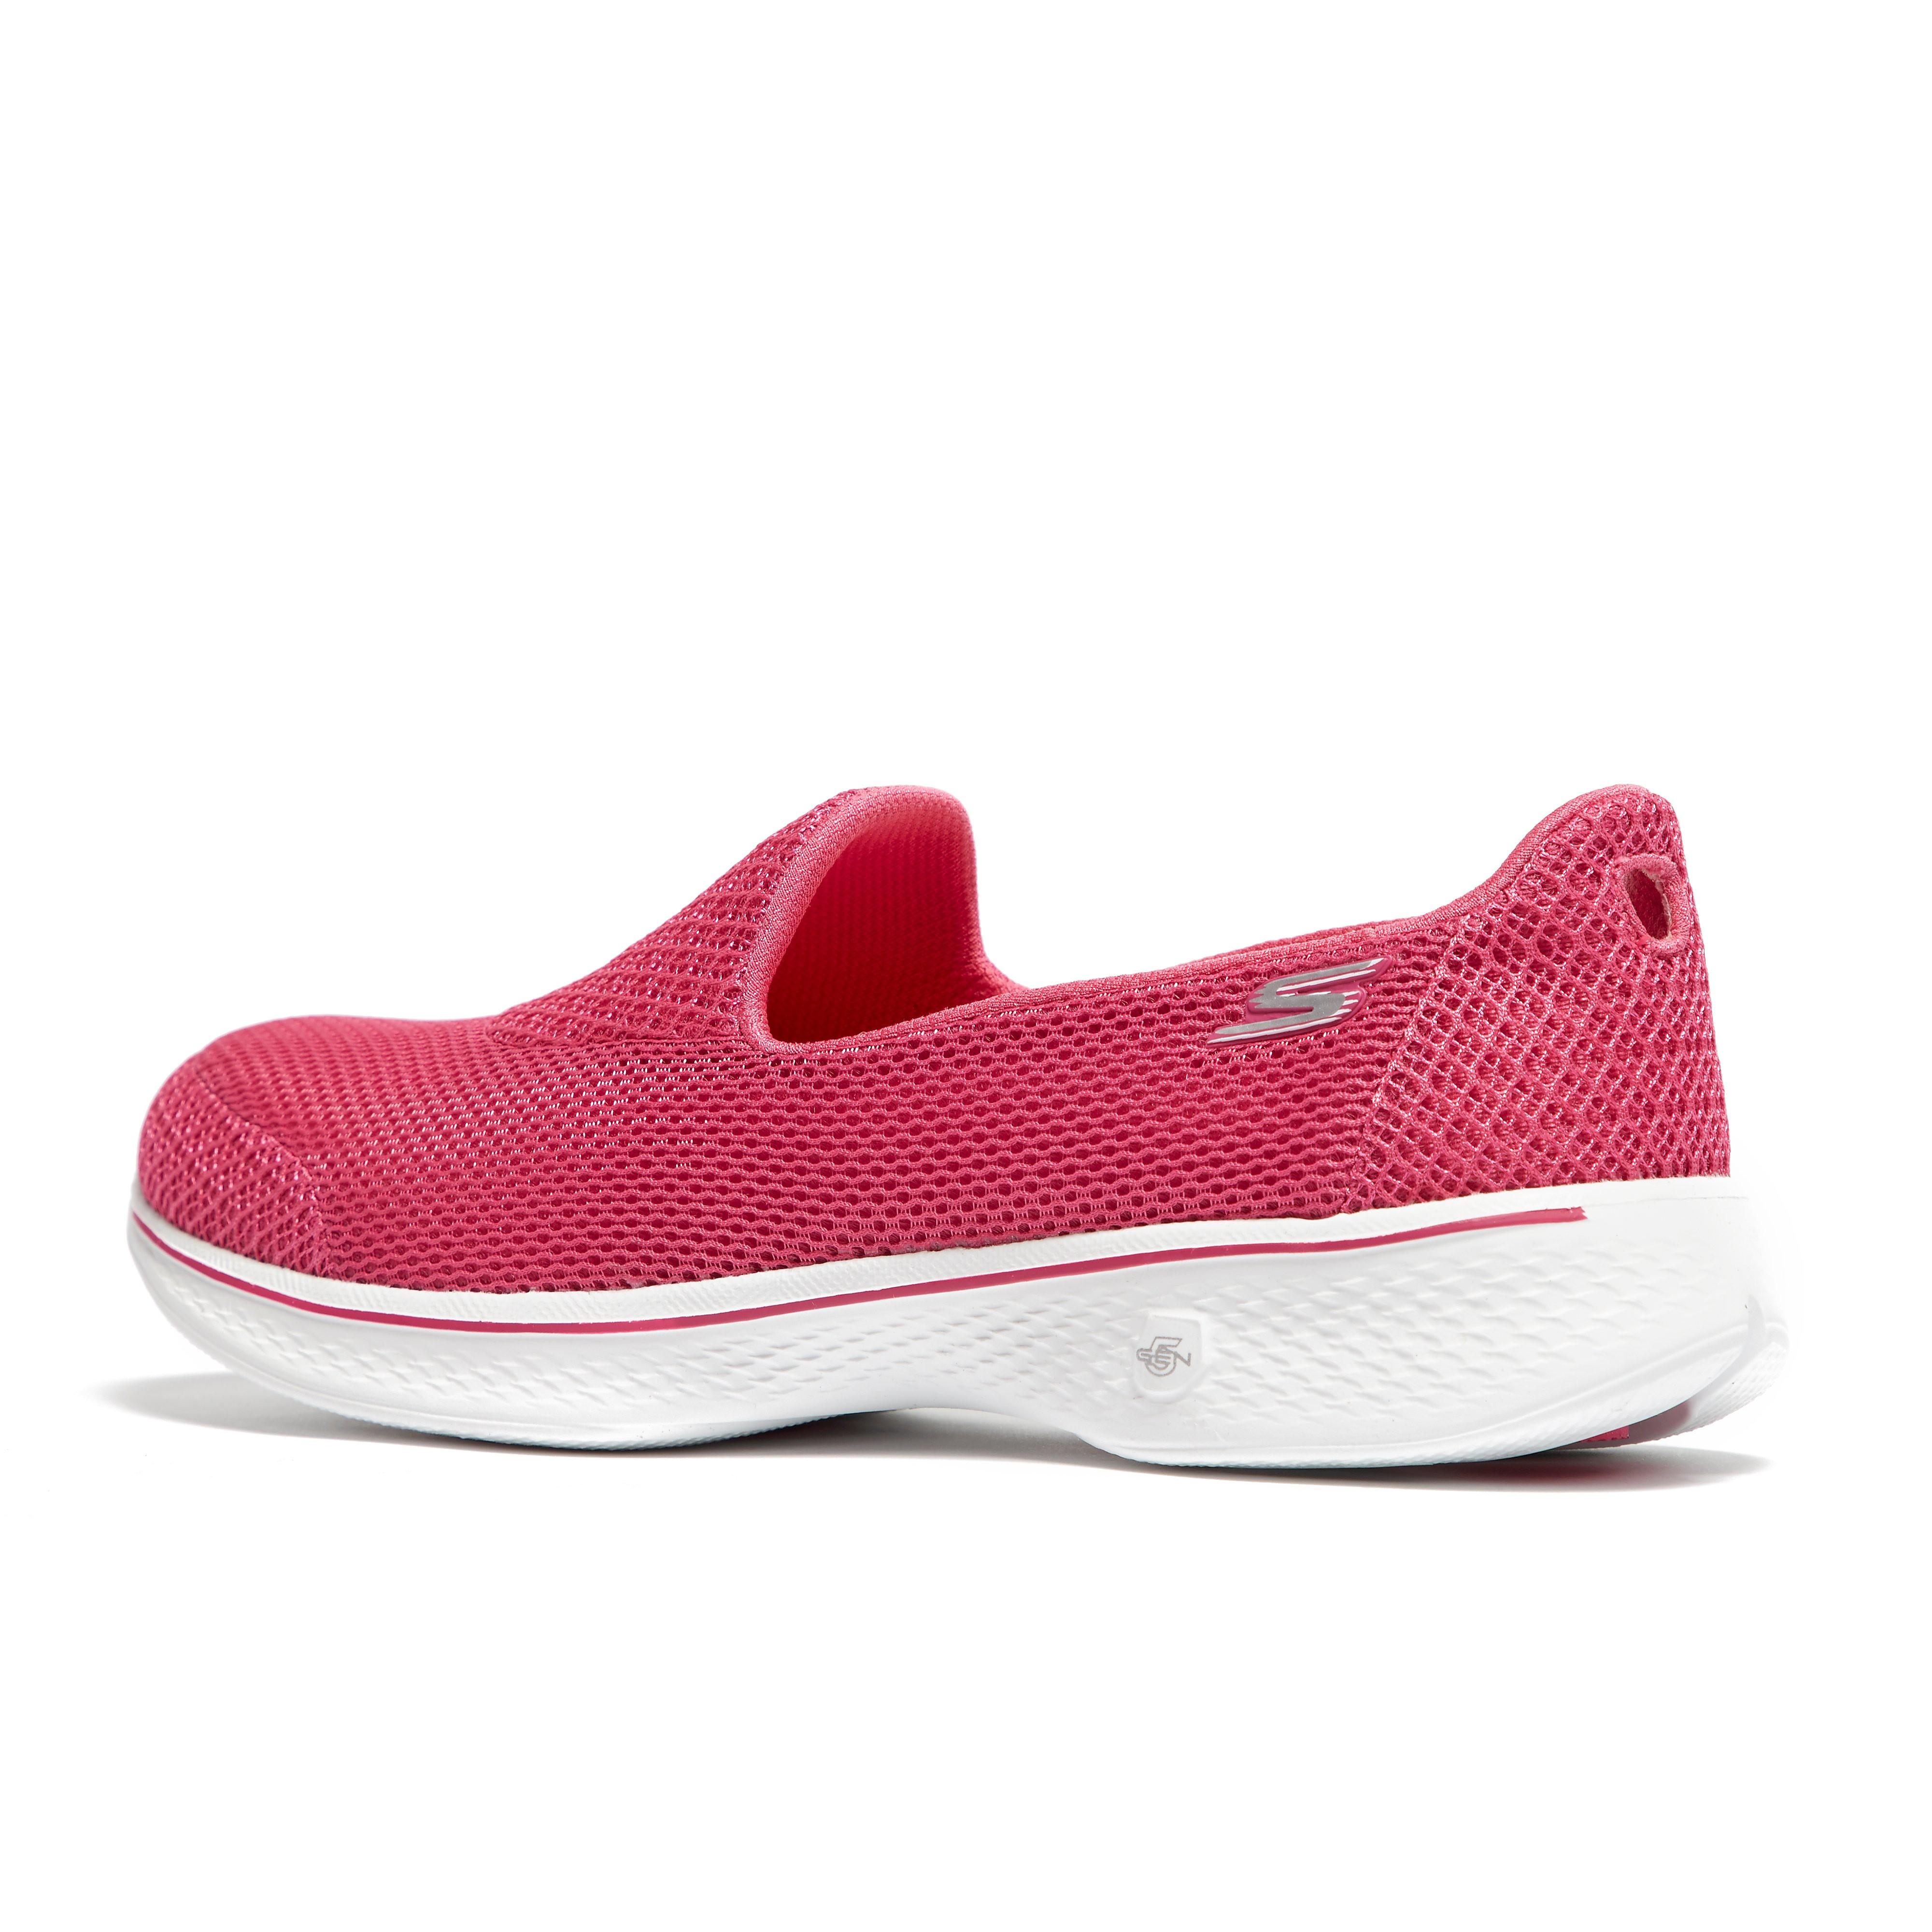 Skechers GOwalk 4- Propel Women's Walking Shoes